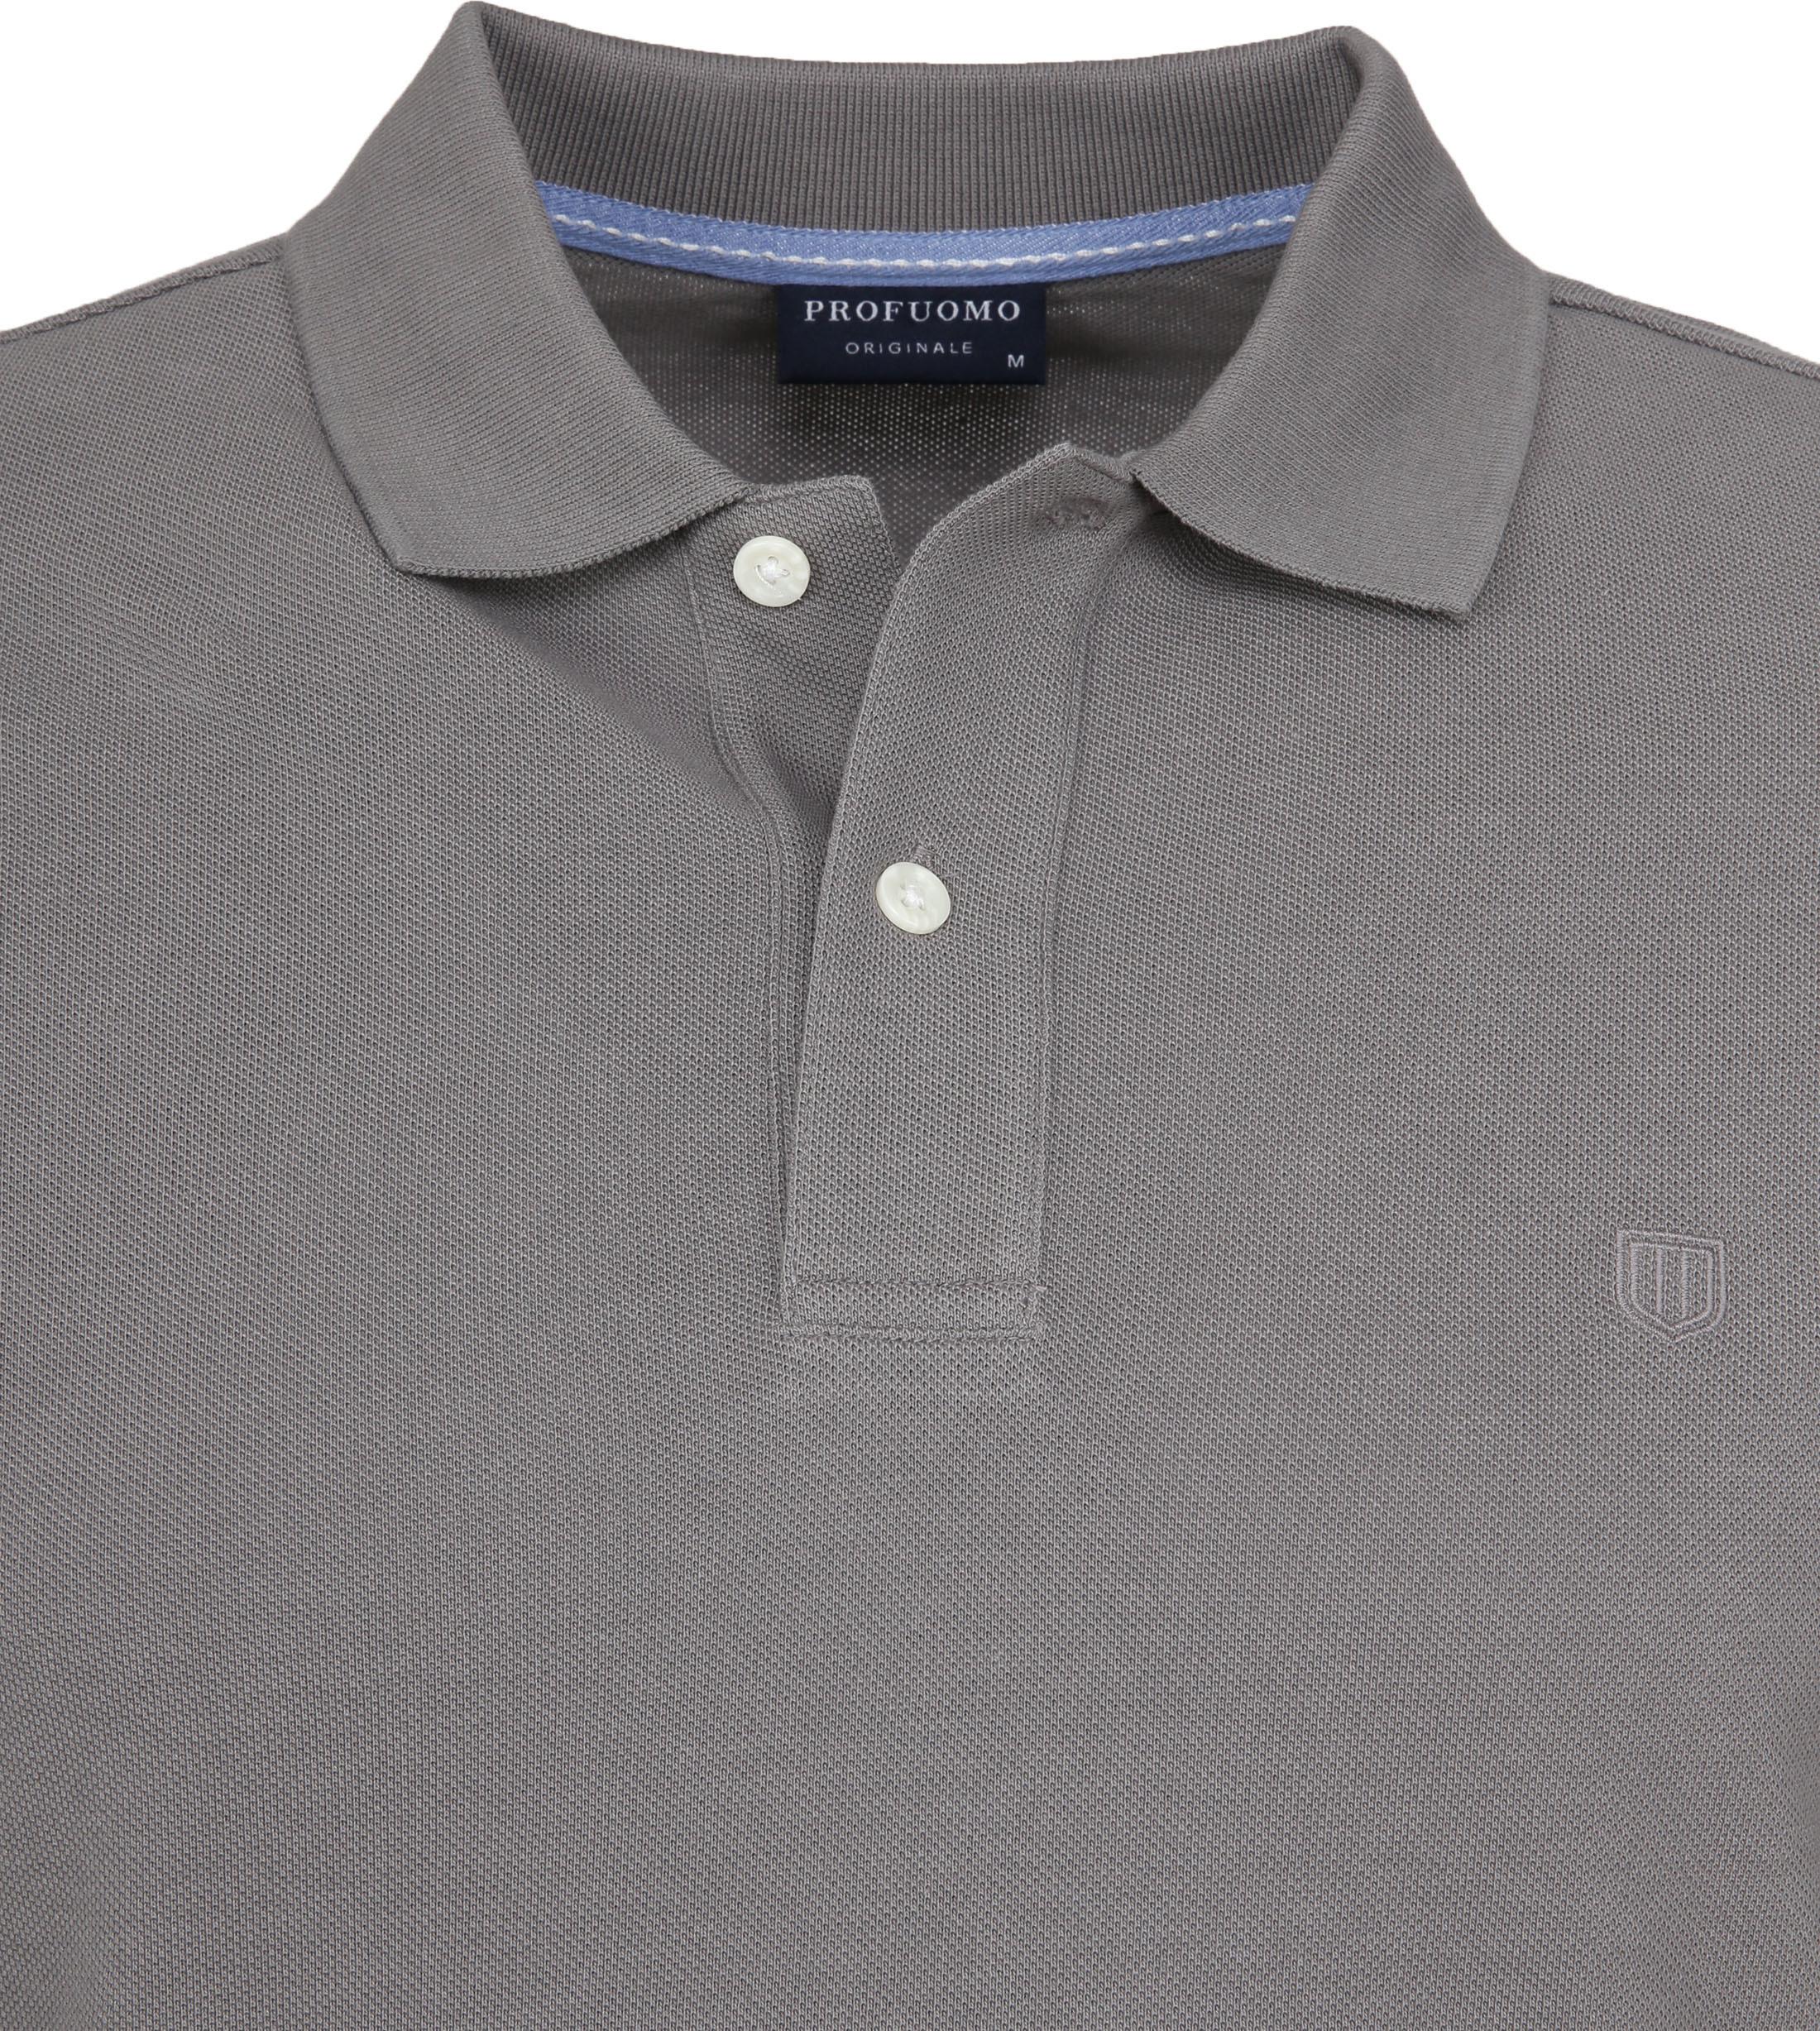 Profuomo Short Sleeve Poloshirt Grau foto 1